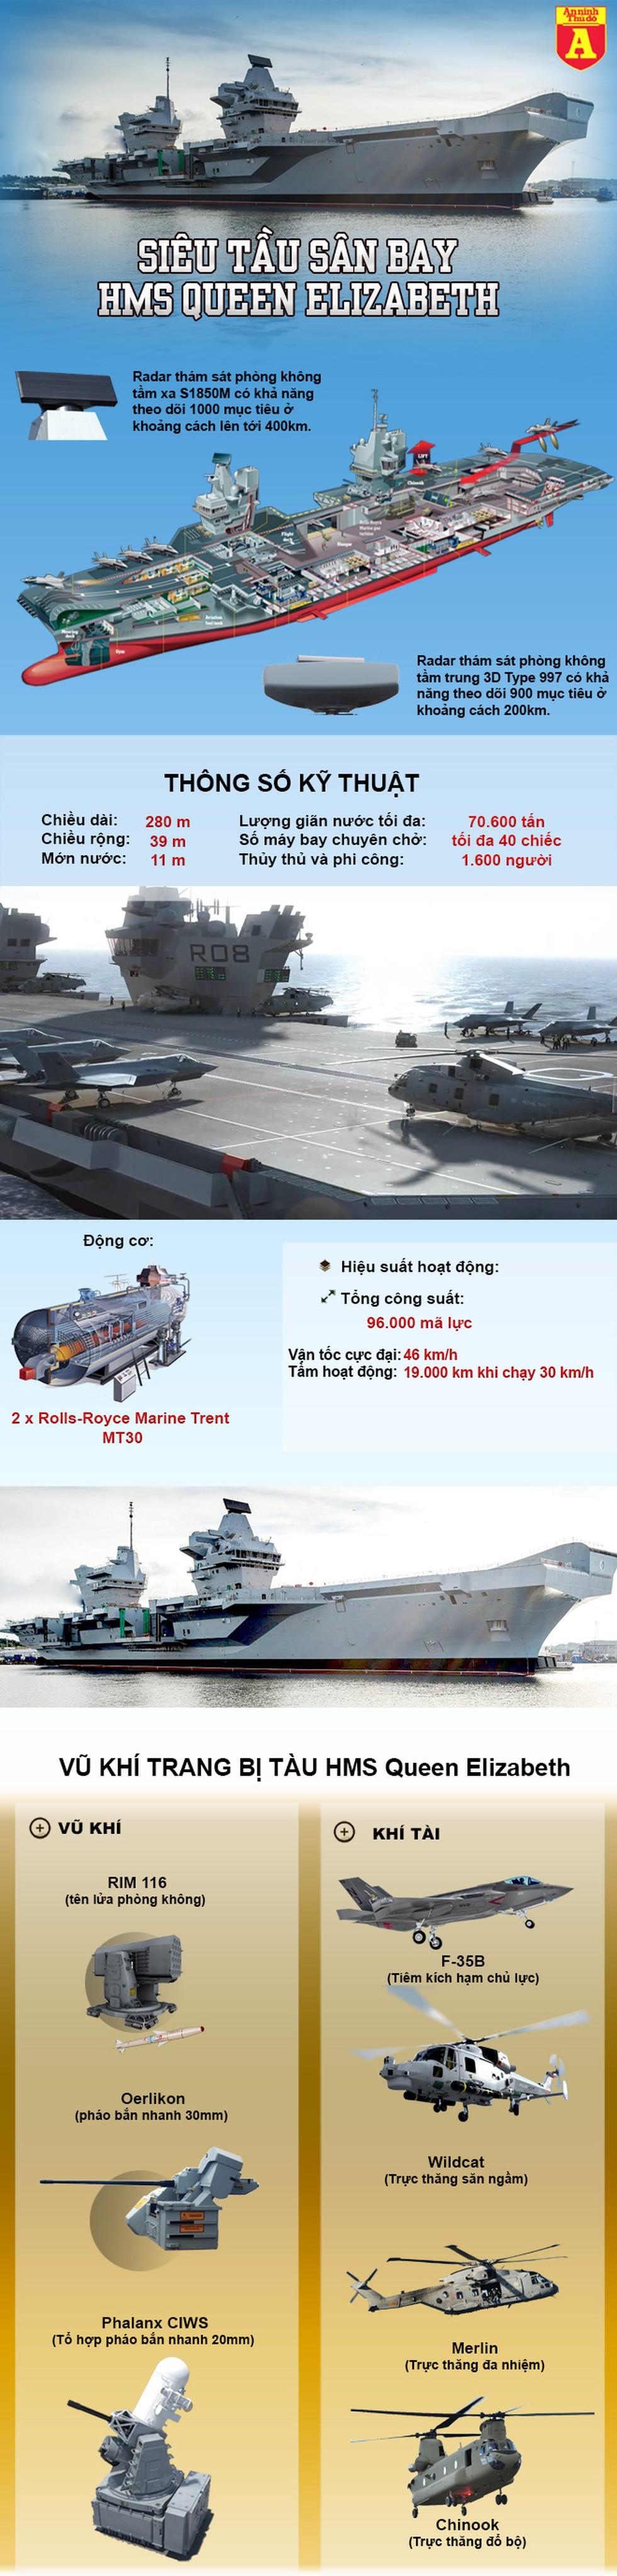 [Infographic] Phớt lờ cảnh báo từ Trung Quốc, Anh đem tàu sân bay để bảo đảm tự do hàng hải tại biển Đông - Ảnh 1